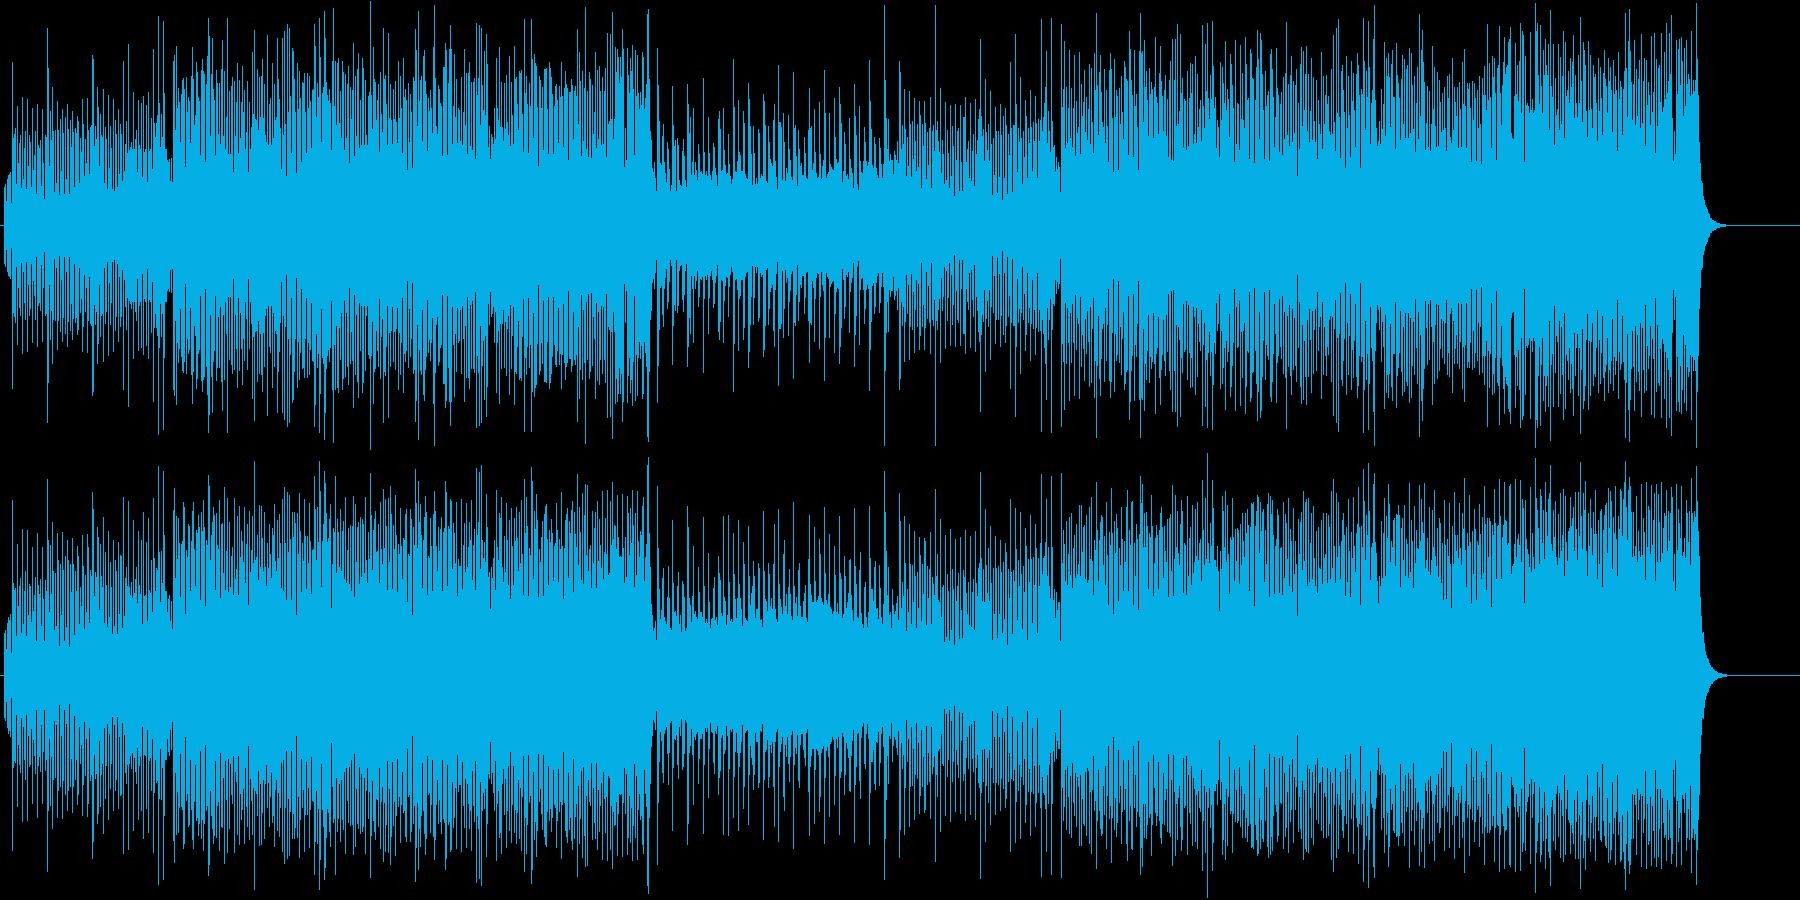 楽しいずっこけパントマイムの再生済みの波形